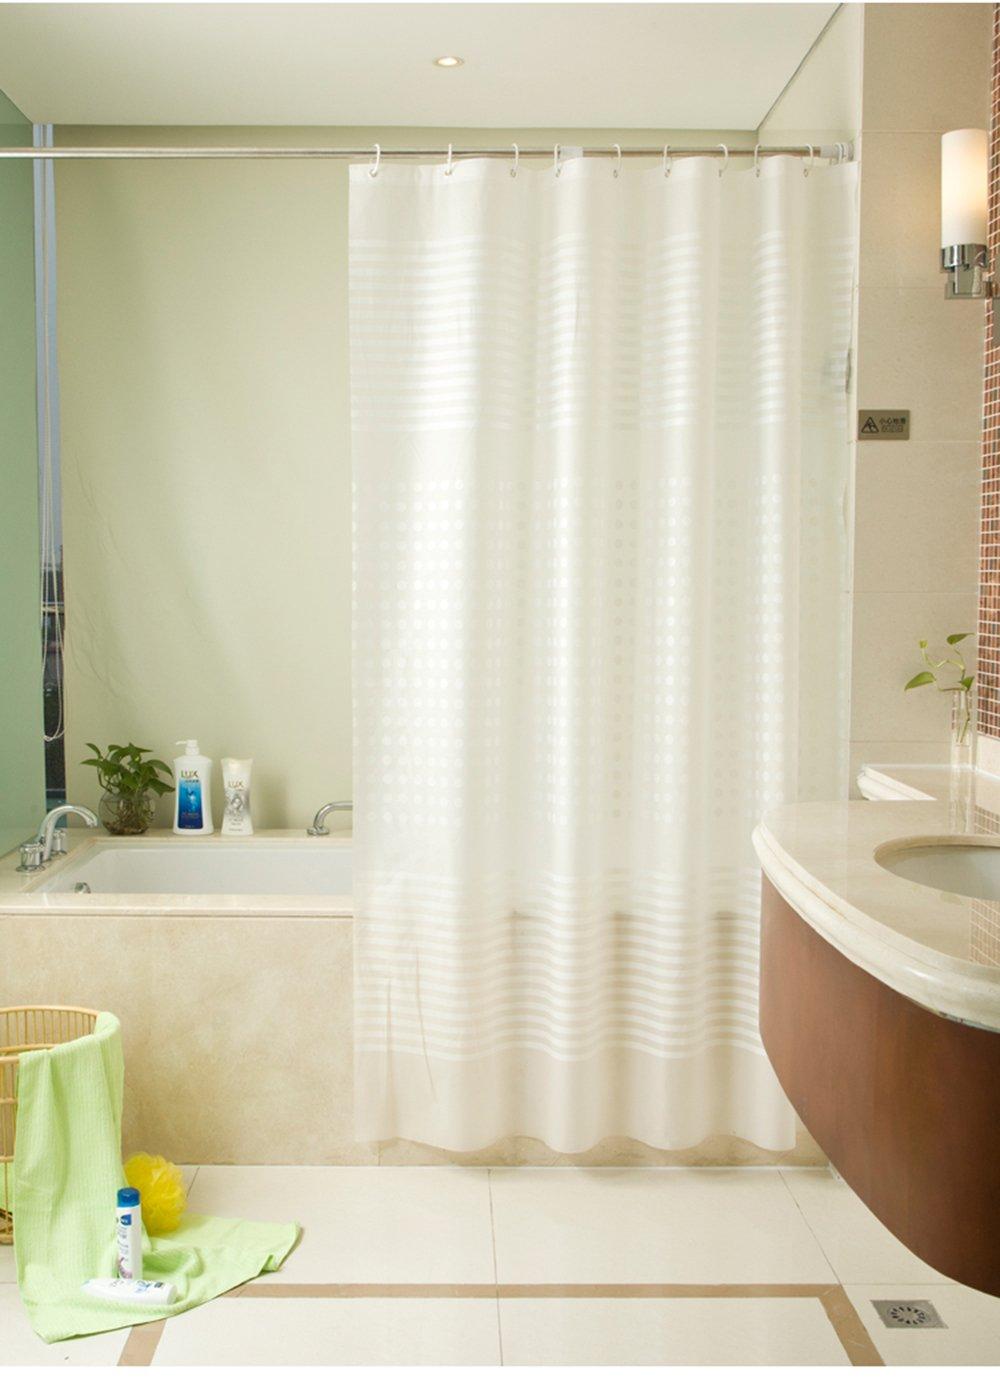 Moderno Semplice Stripe Serie Oversized Dimensioni Tenda Per Doccia ShowPower No.1011, Tenda doccia Materiale PEVA 240 X 200 Centimetri Con 12 Anelli In Plastica (Traslucido)